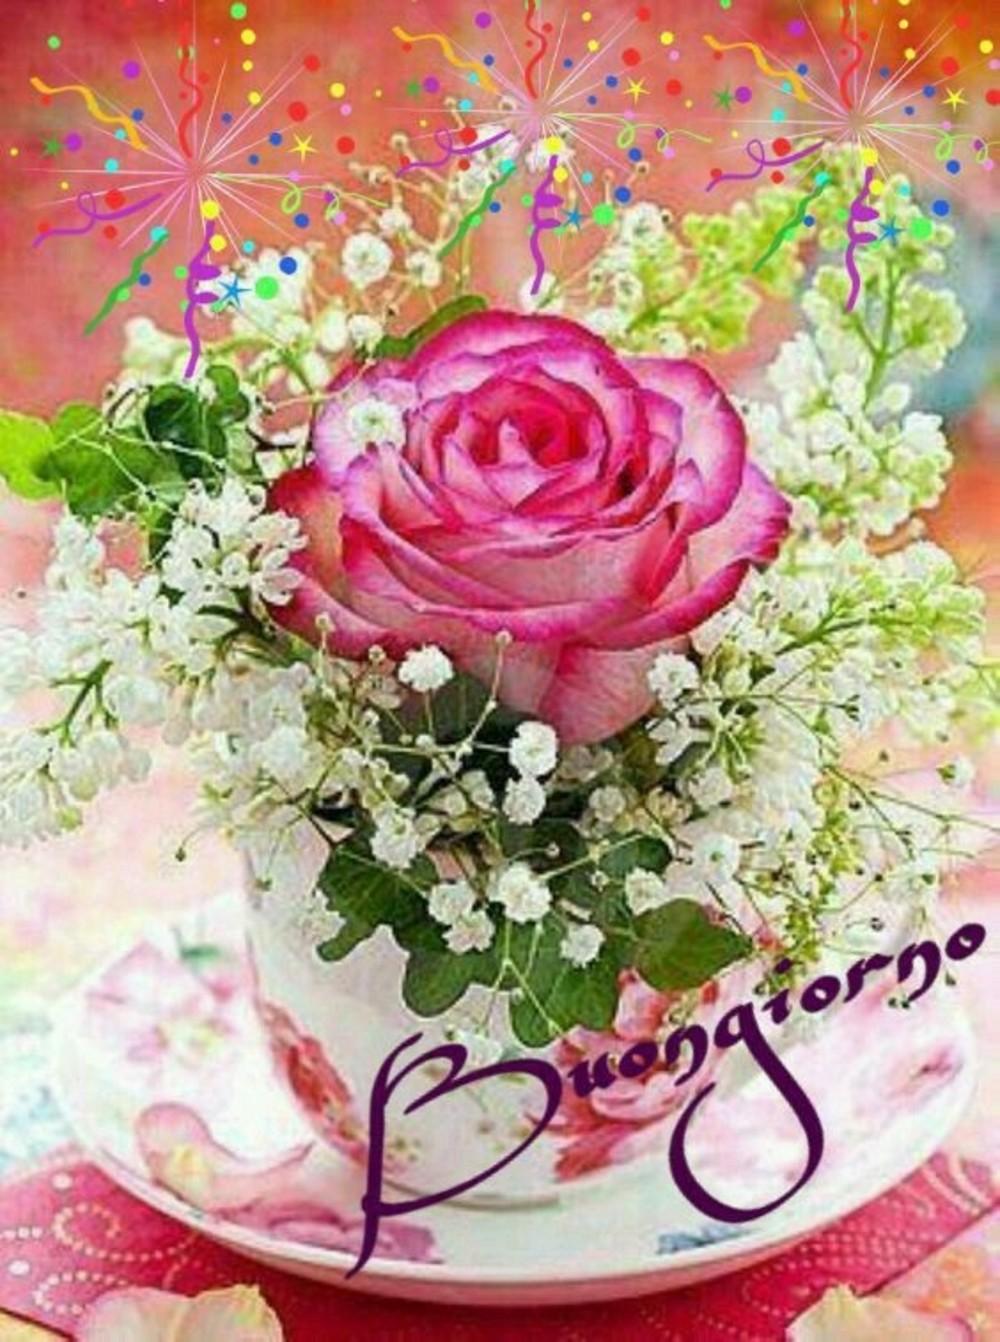 Buongiorno Immagini Pinterest Gratis 2083 Immaginifacebook It